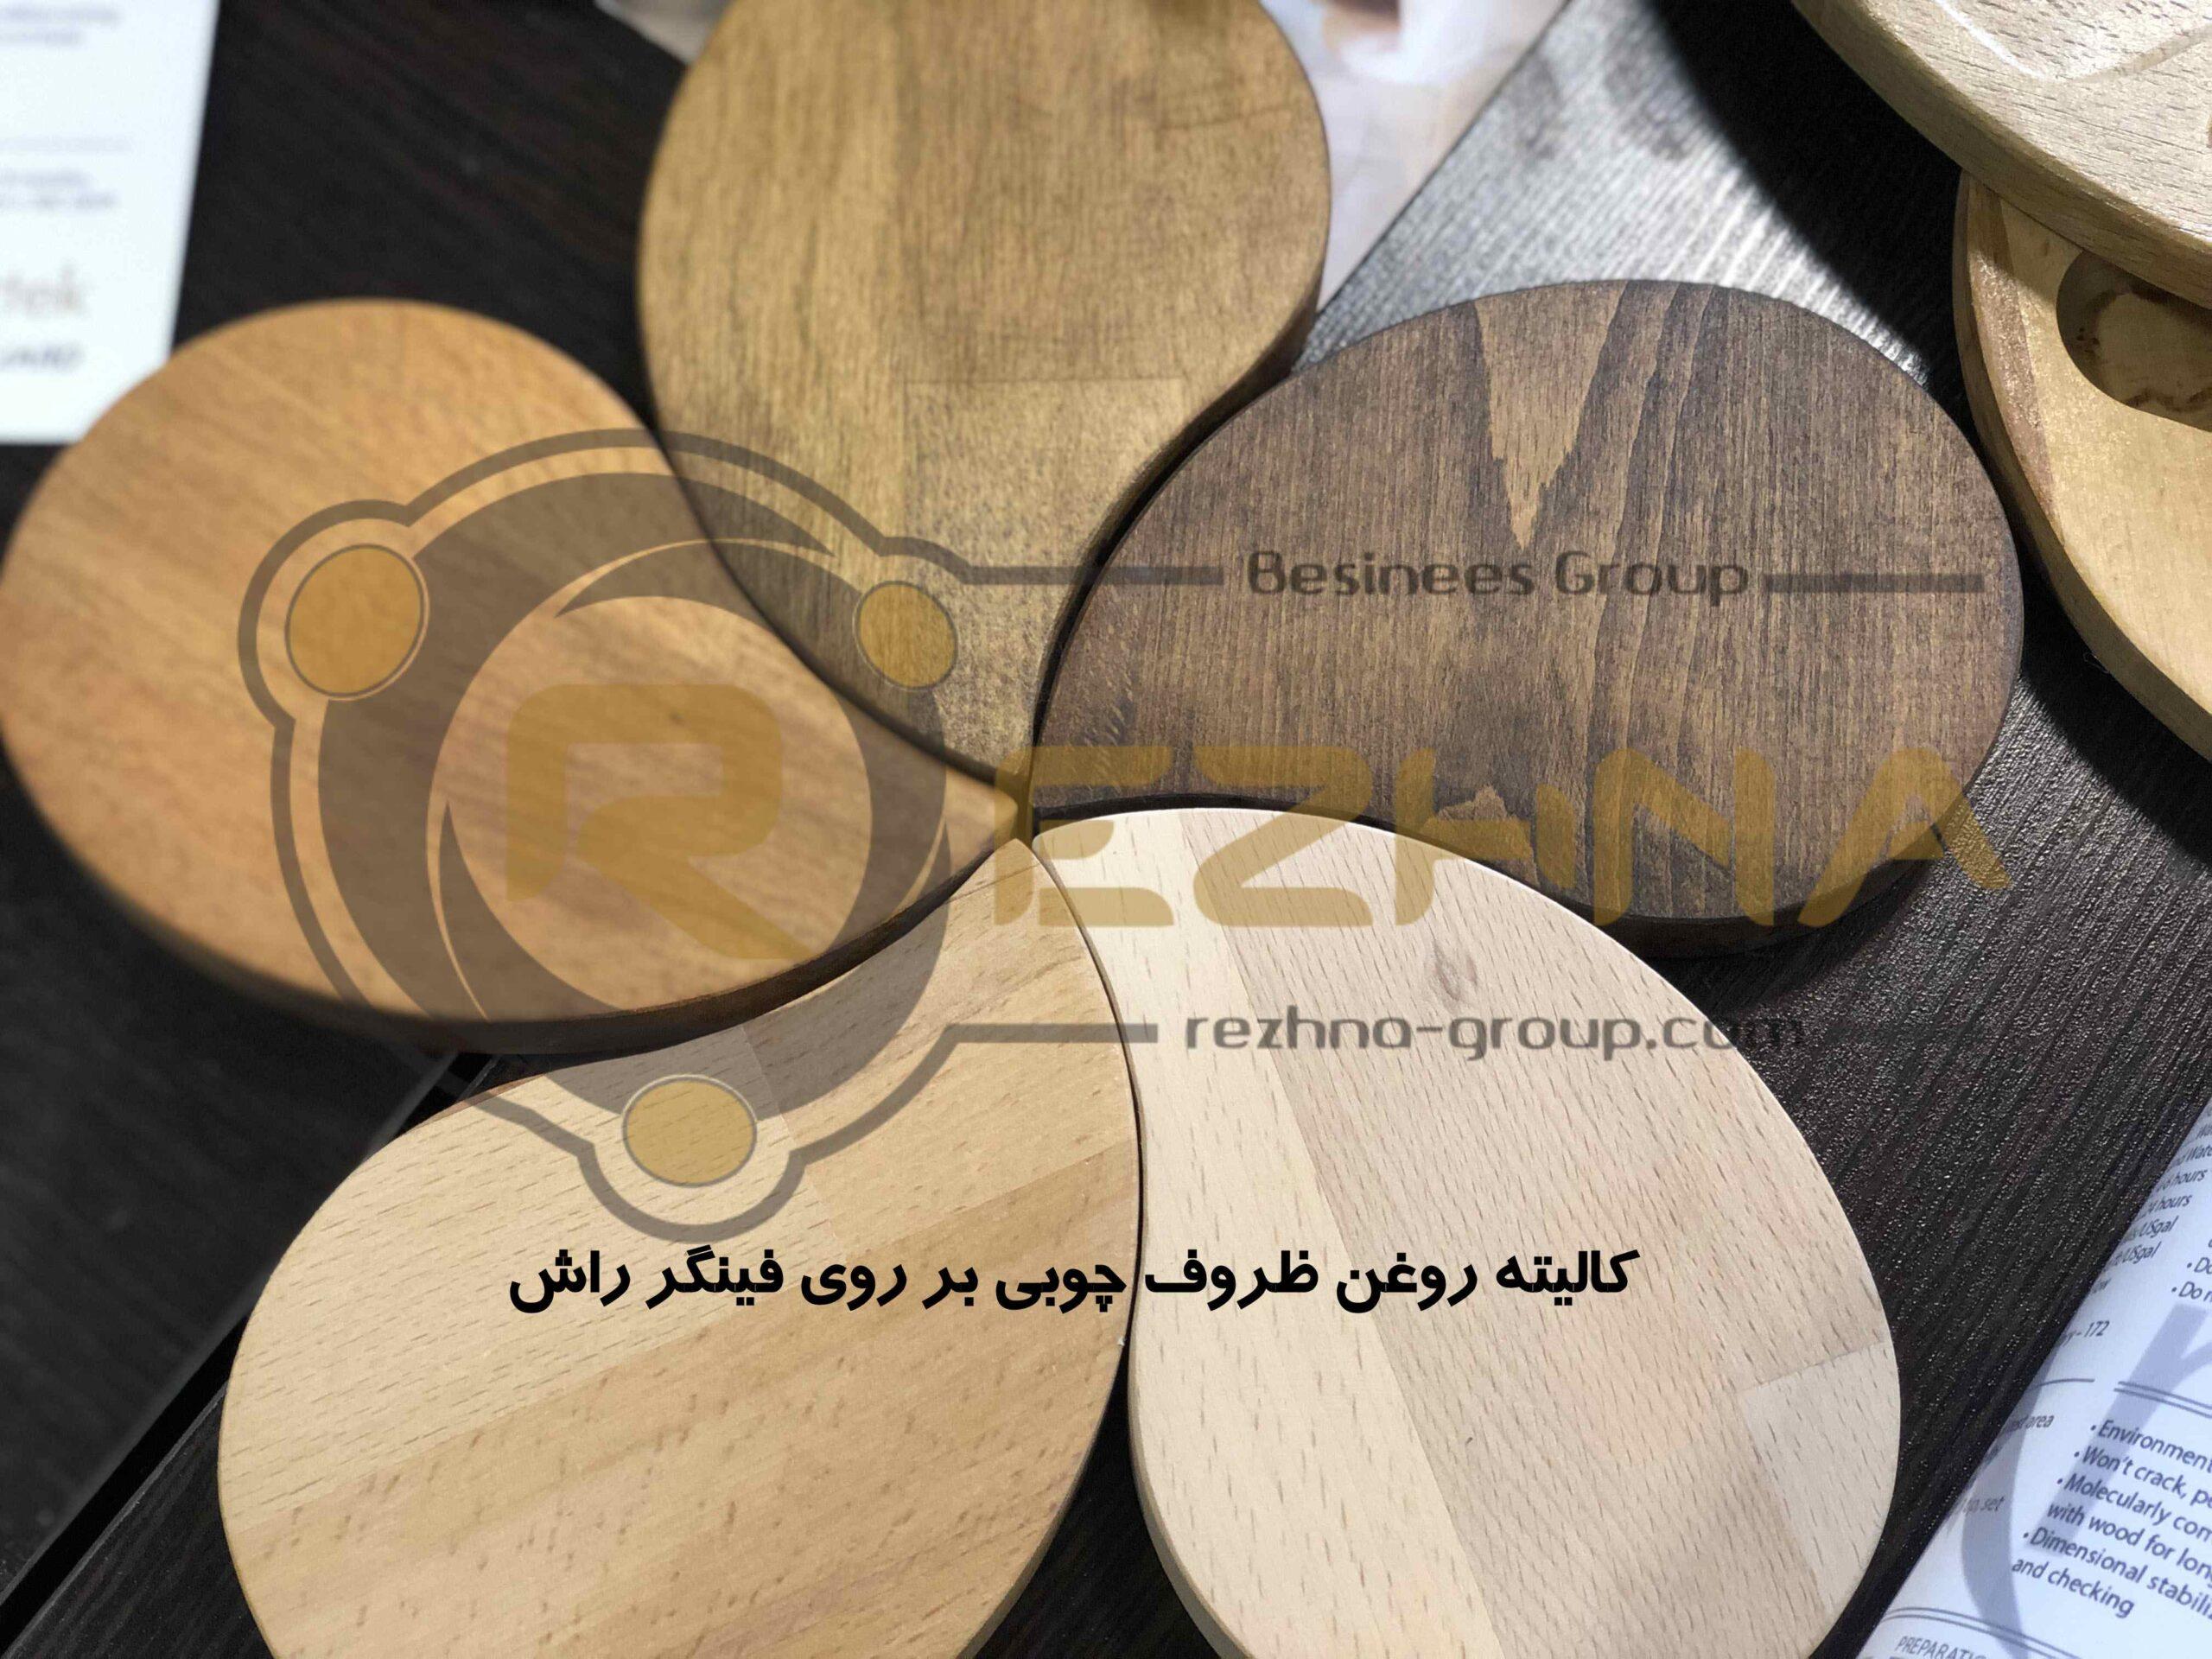 بهترین رنگ برای ظرف چیست؟, خرید رنگ ظرف چوبی, رنگ آرتک, رنگ ضد آب ظرف, رنگ ضد خش ظروف چوبی , رنگ طبیعی ظرف, رنگ ظرف چوبی, رنگ ظروف چوبی, رنگ مخصوص کاسه و لیوان, روغن گیاهی مخصوص ظرف چوبی, فروش رنگ ظرف چوبی